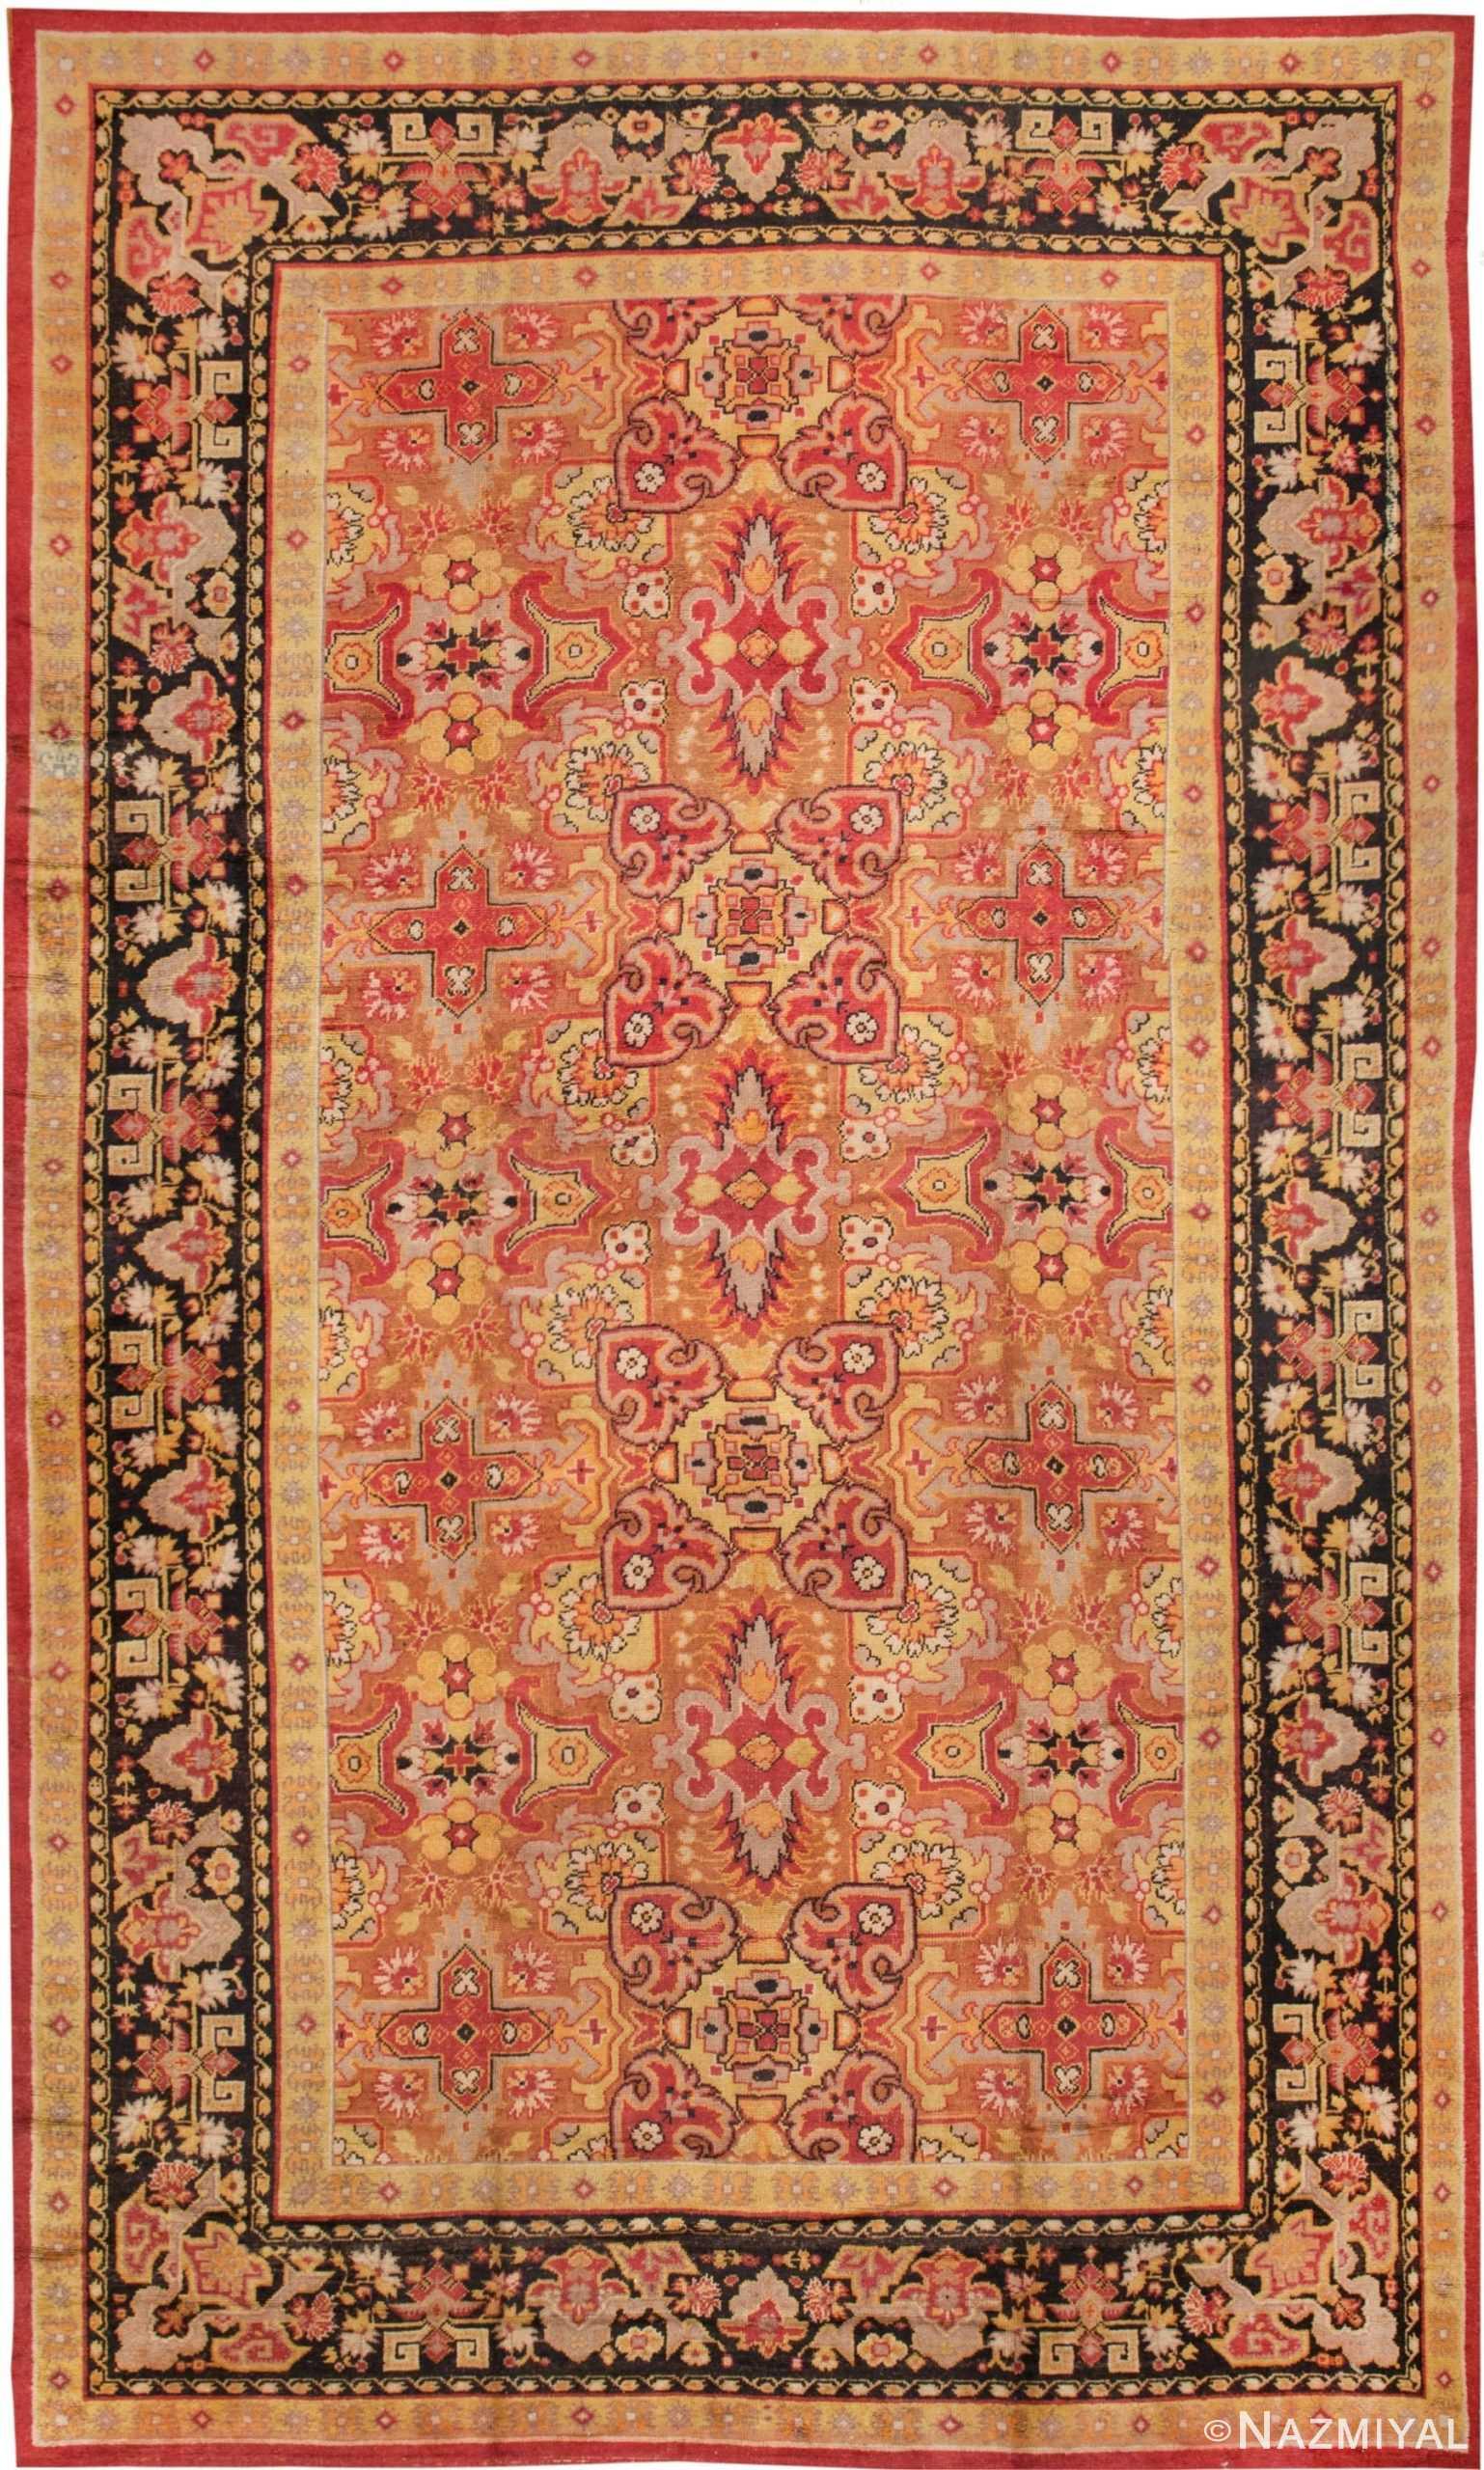 Continental Vintage Rug 2307 Nazmiyal